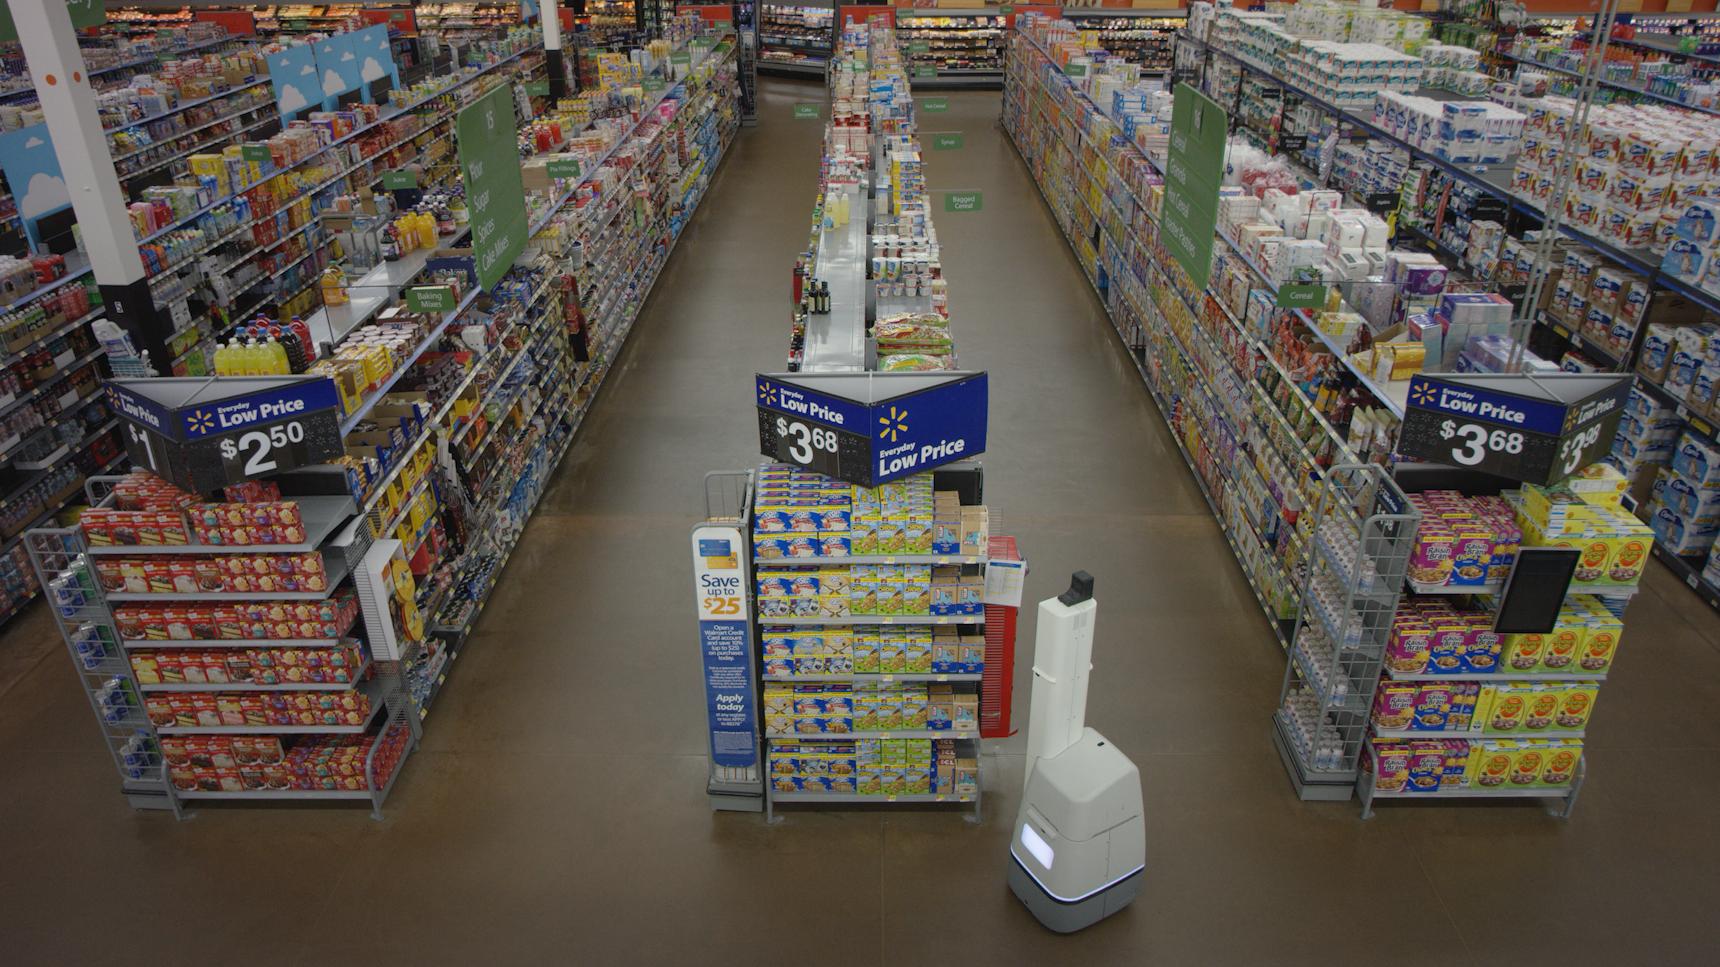 ウォルマートの棚管理ロボ導入で店員・客が見せた意外な反応